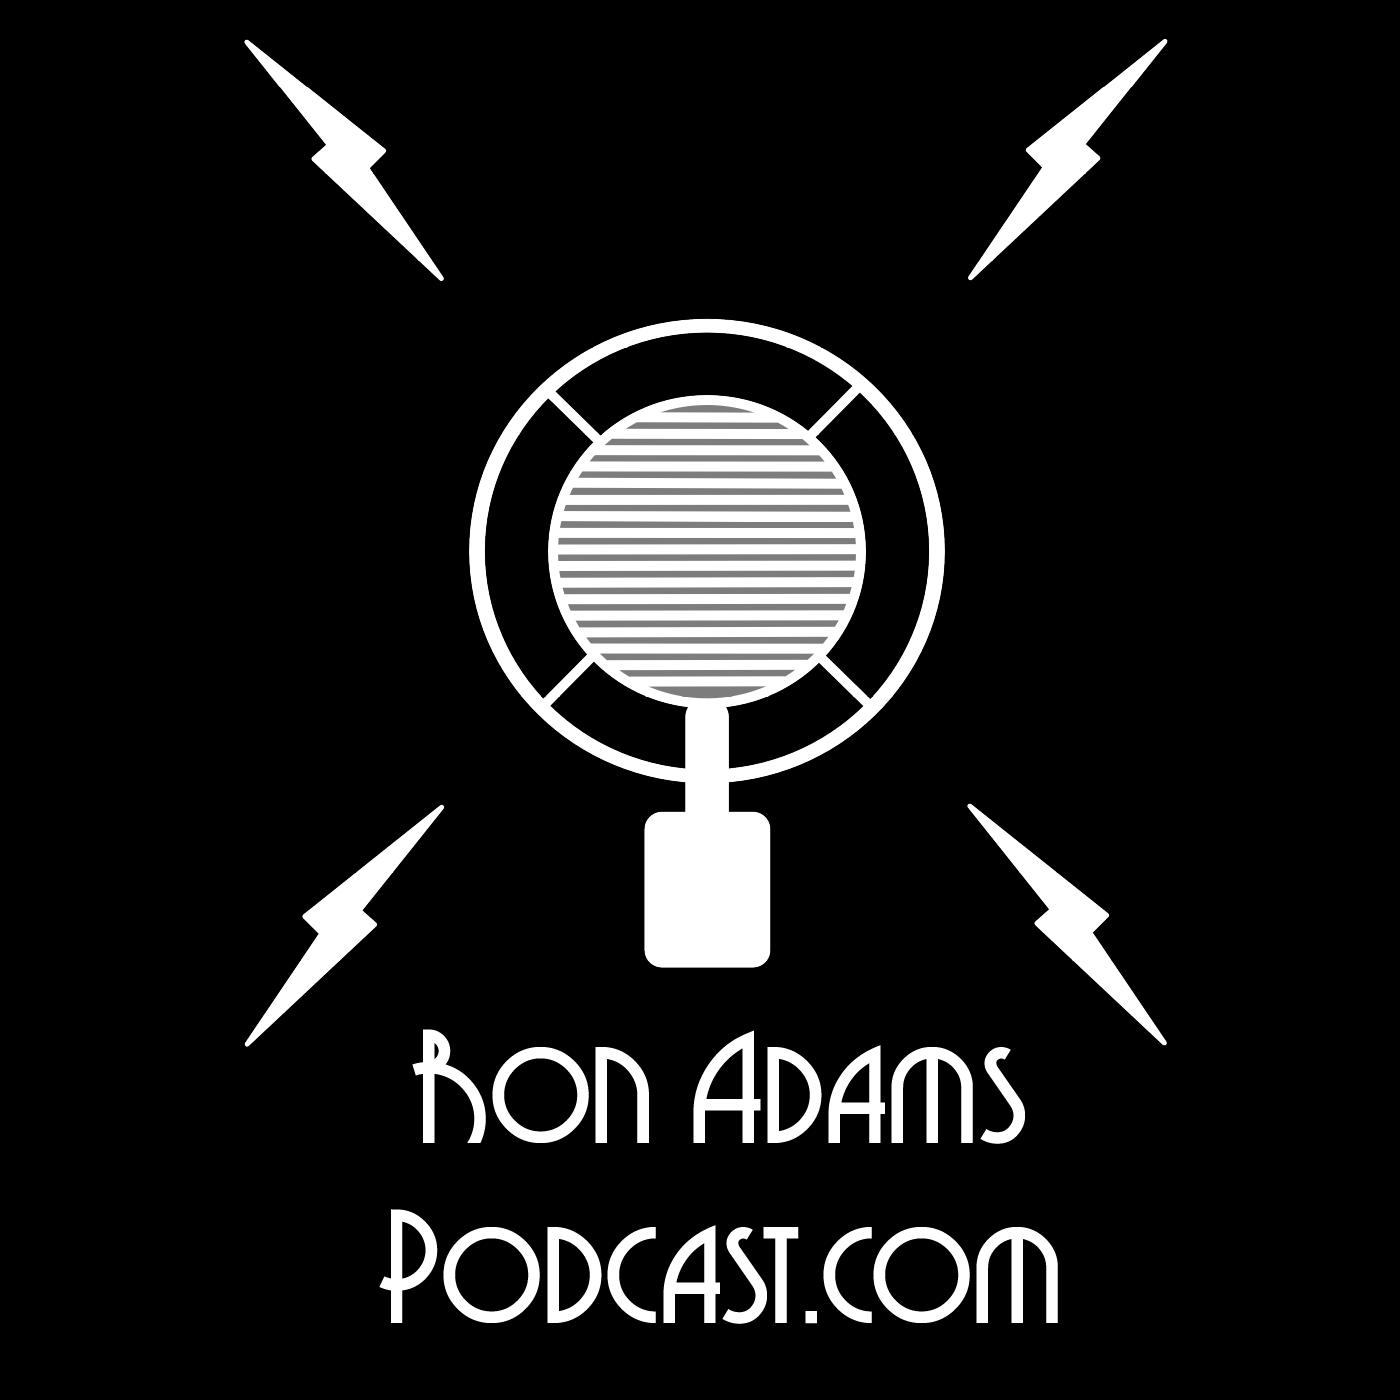 Episode 125 Mitko Karshovski - That Remote Show Podcast